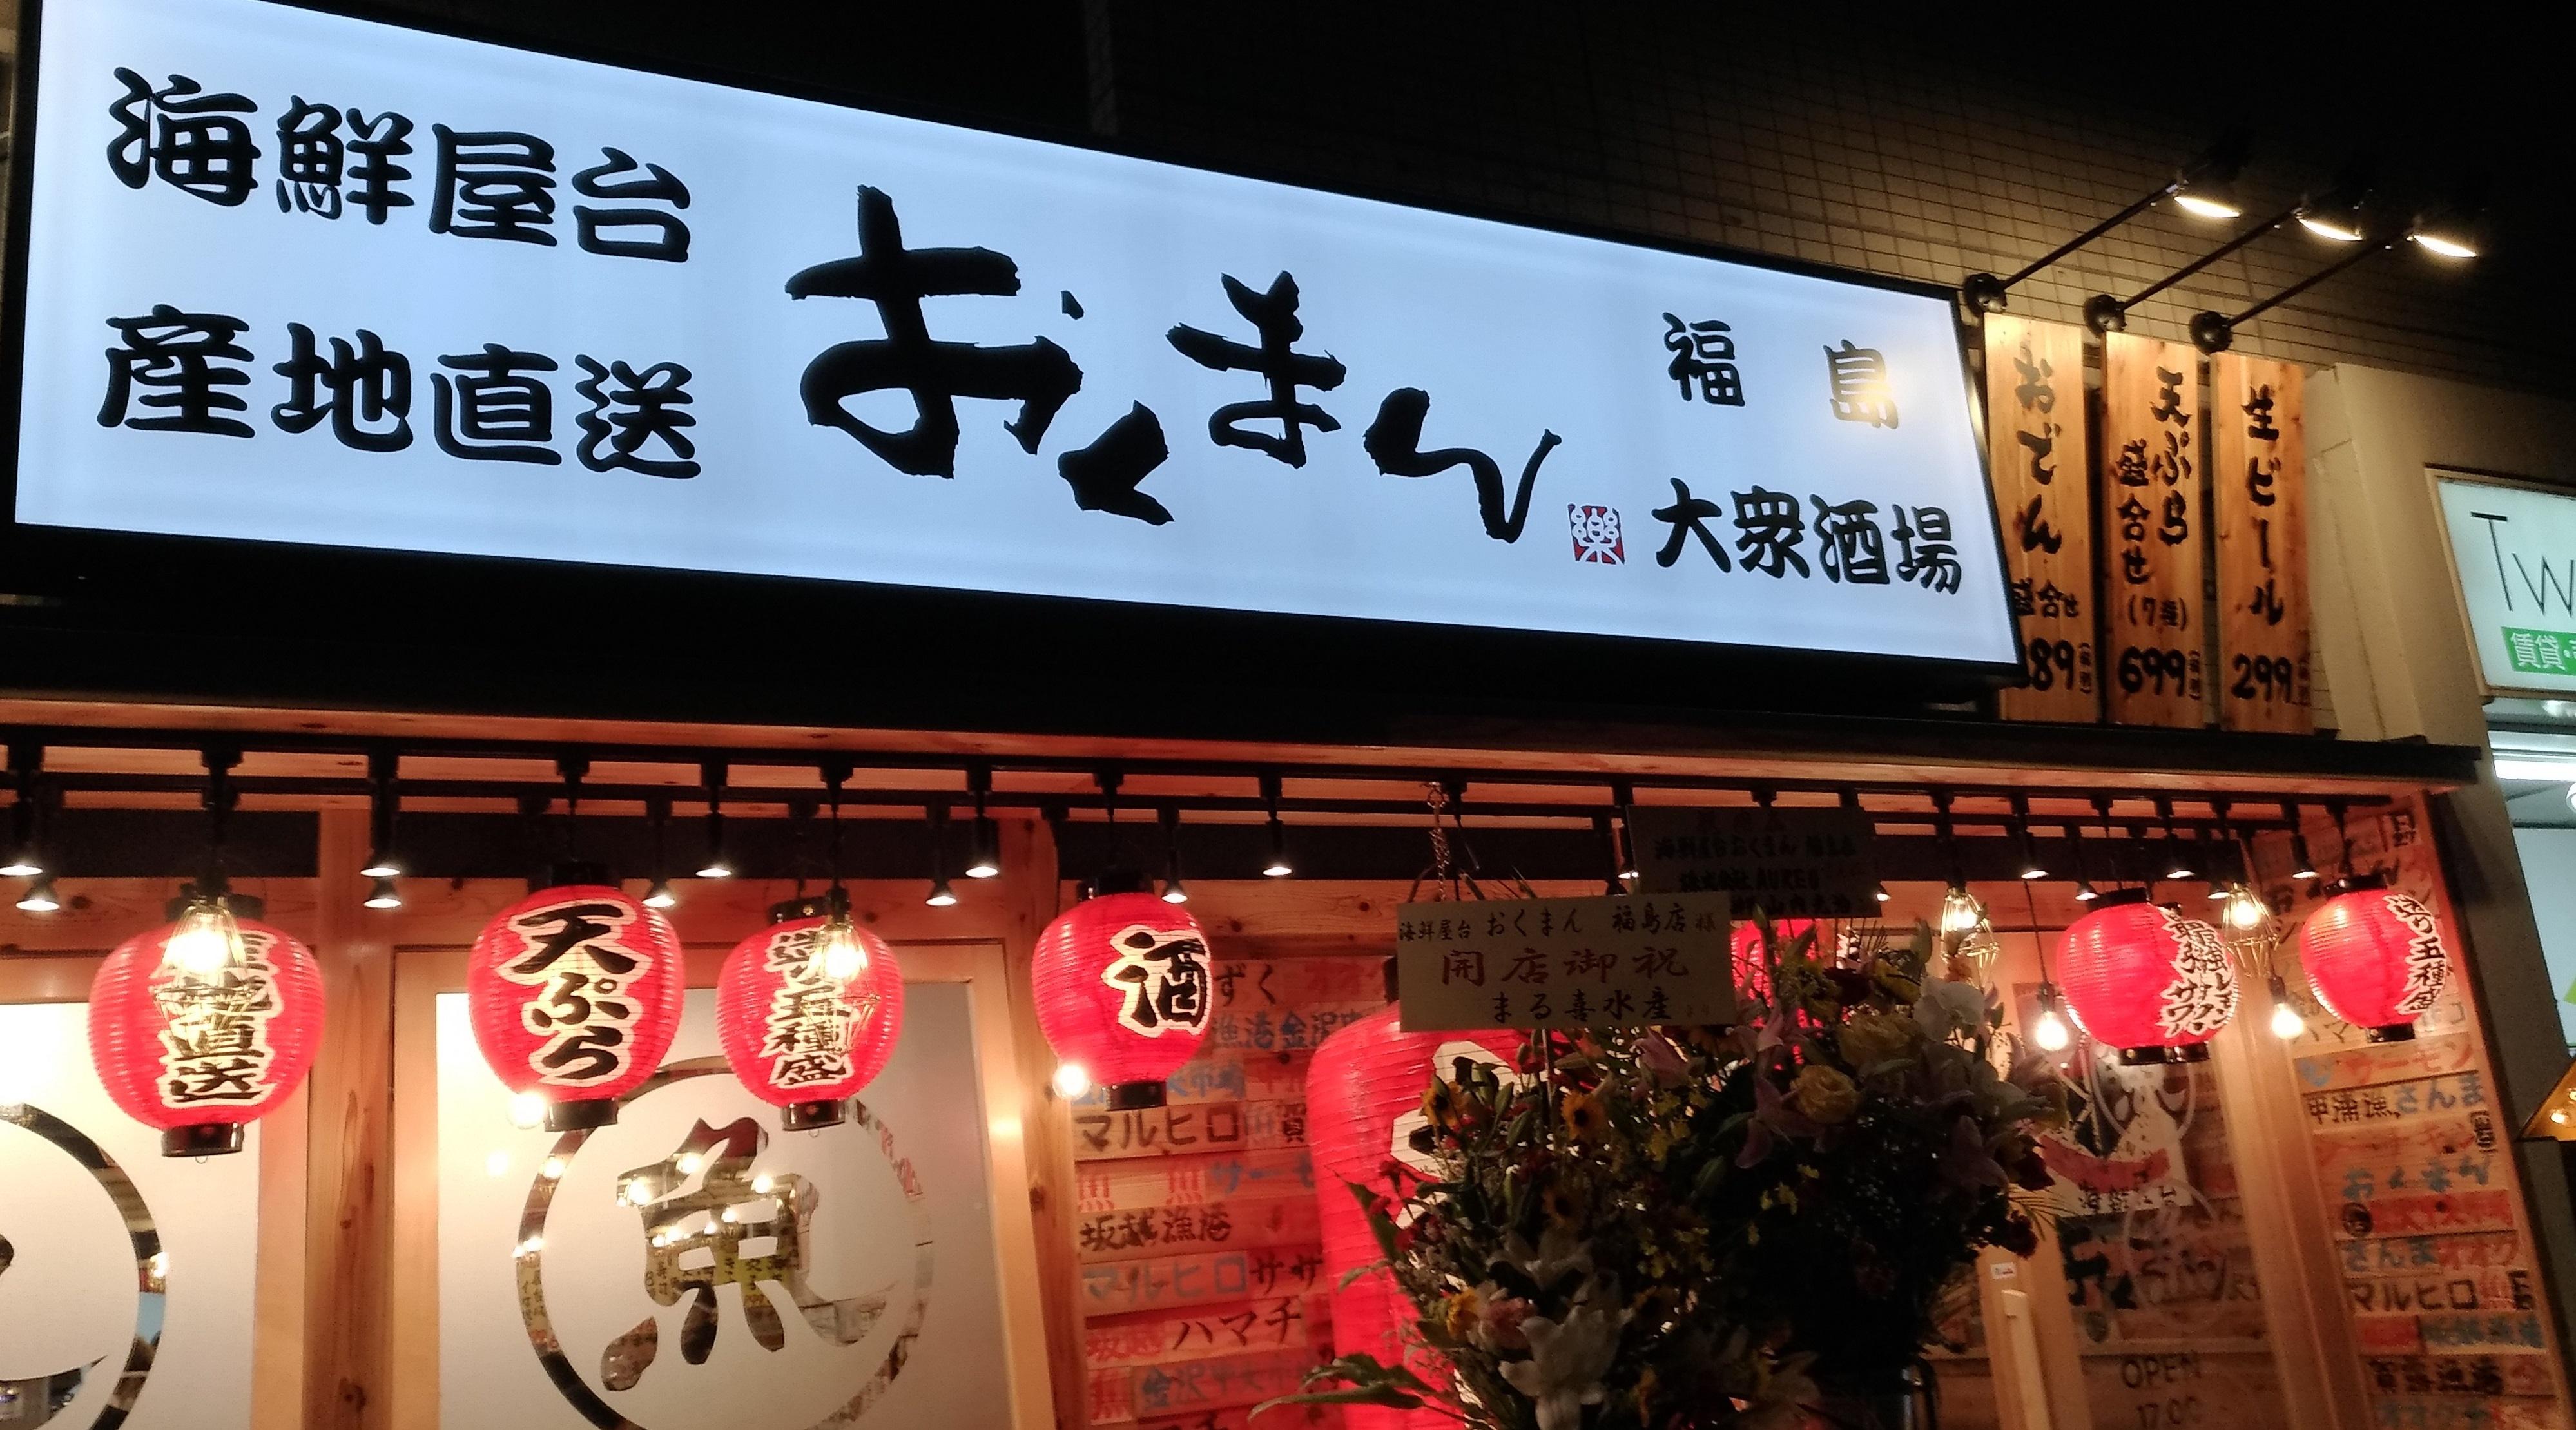 osaka_fukushima_100en_open_0924_2.jpg